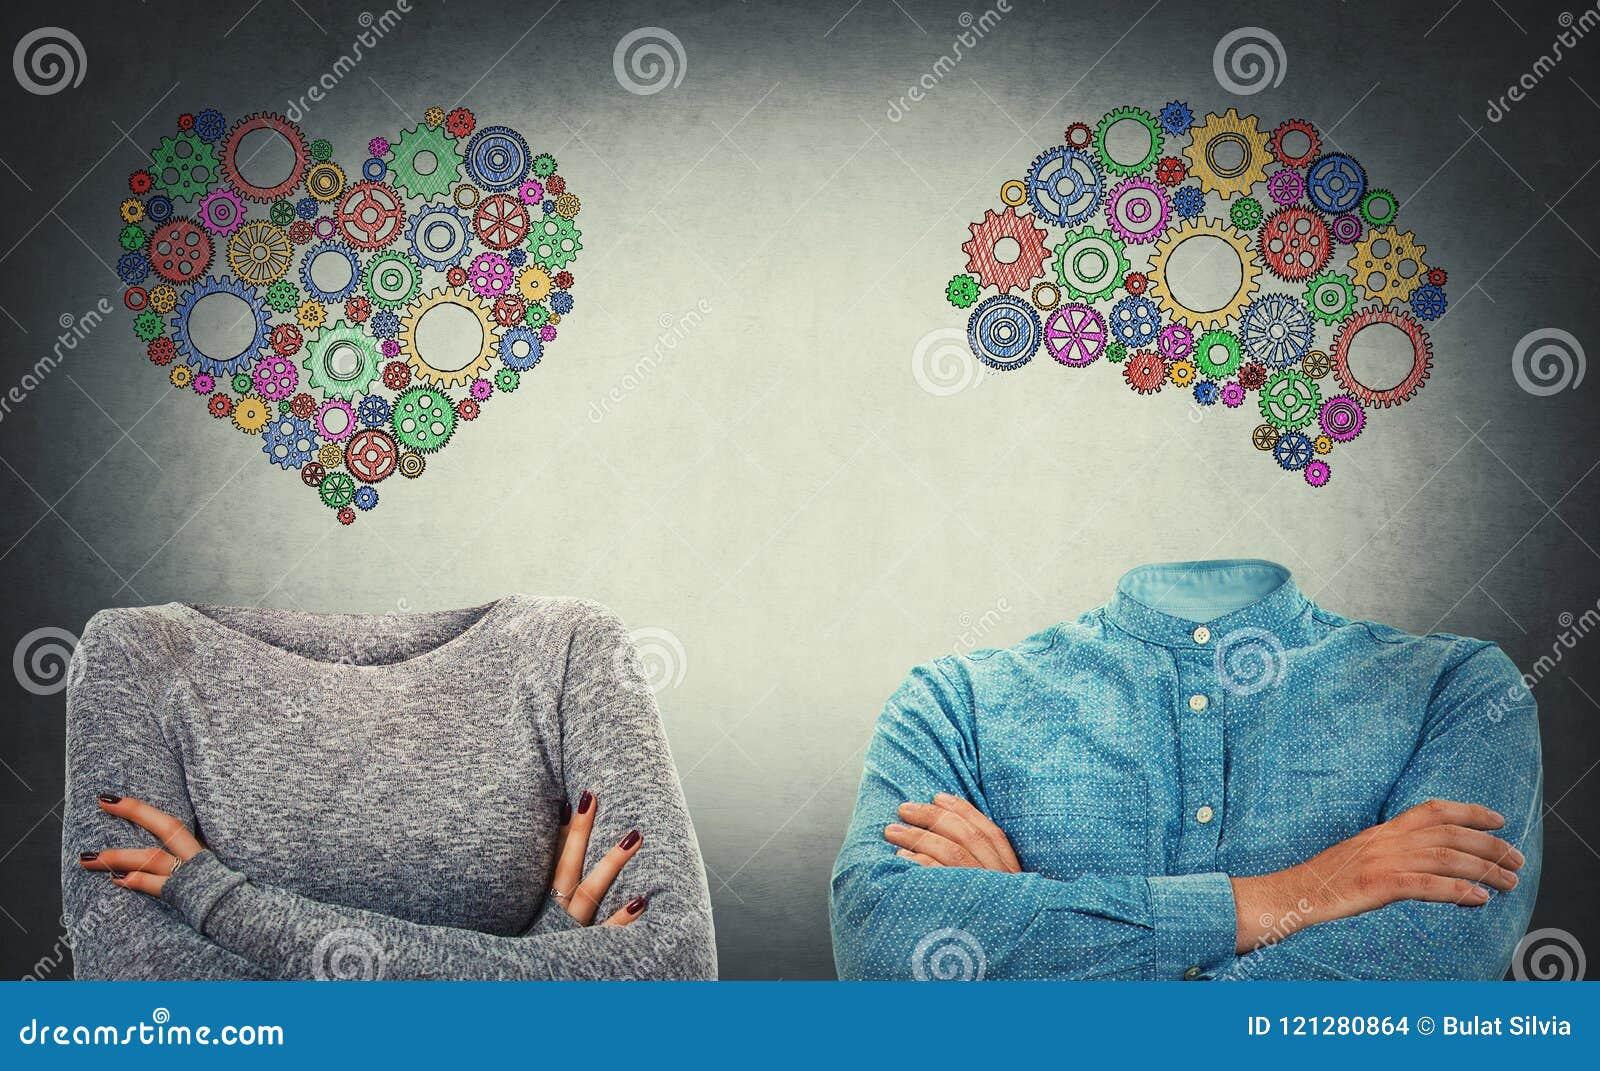 Scelga il cuore o la mente